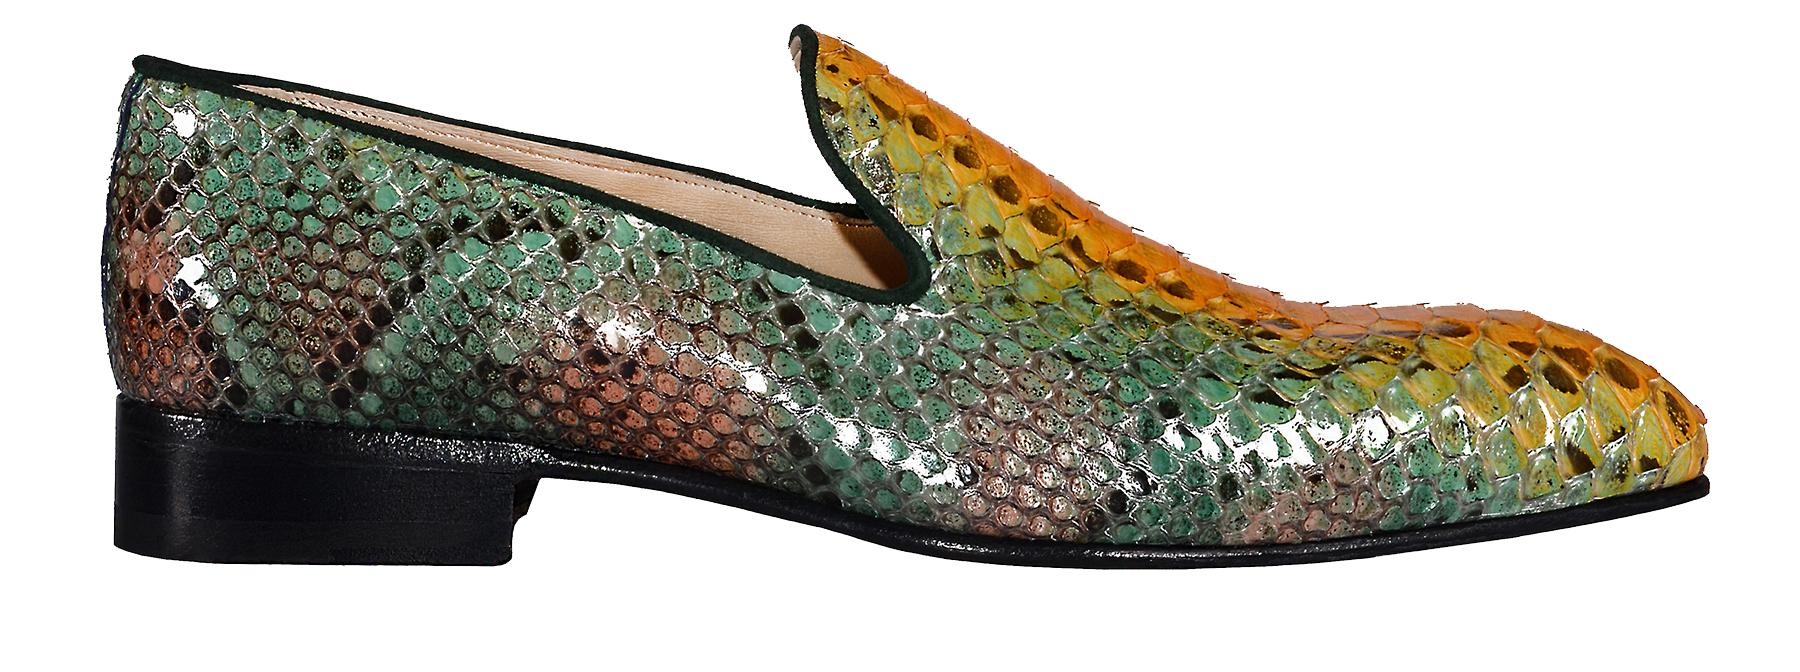 Handmade Python Loafers 203-7342c